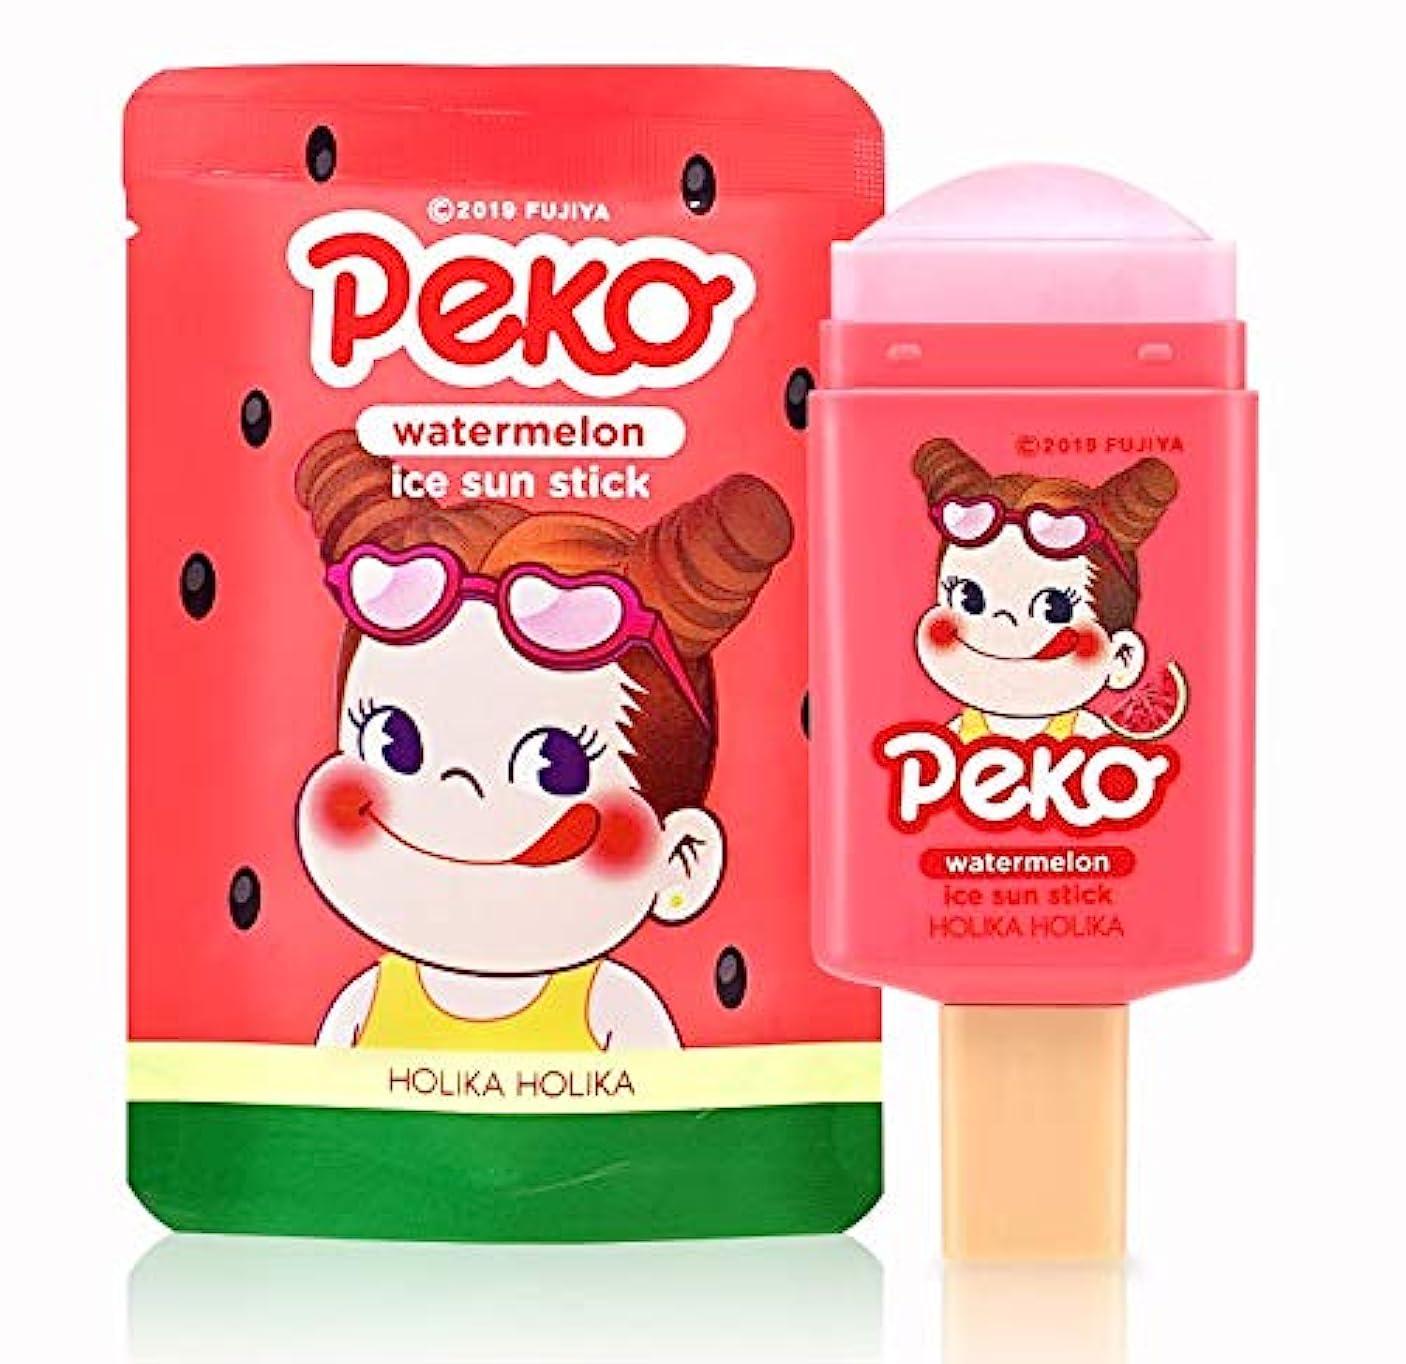 四半期送った地雷原ホリカホリカ [スイートペコエディション] スイカ アイス サン スティック 14g / Holika Holika [Sweet Peko Edition] Watermellon Ice Sun Stick SPF50...